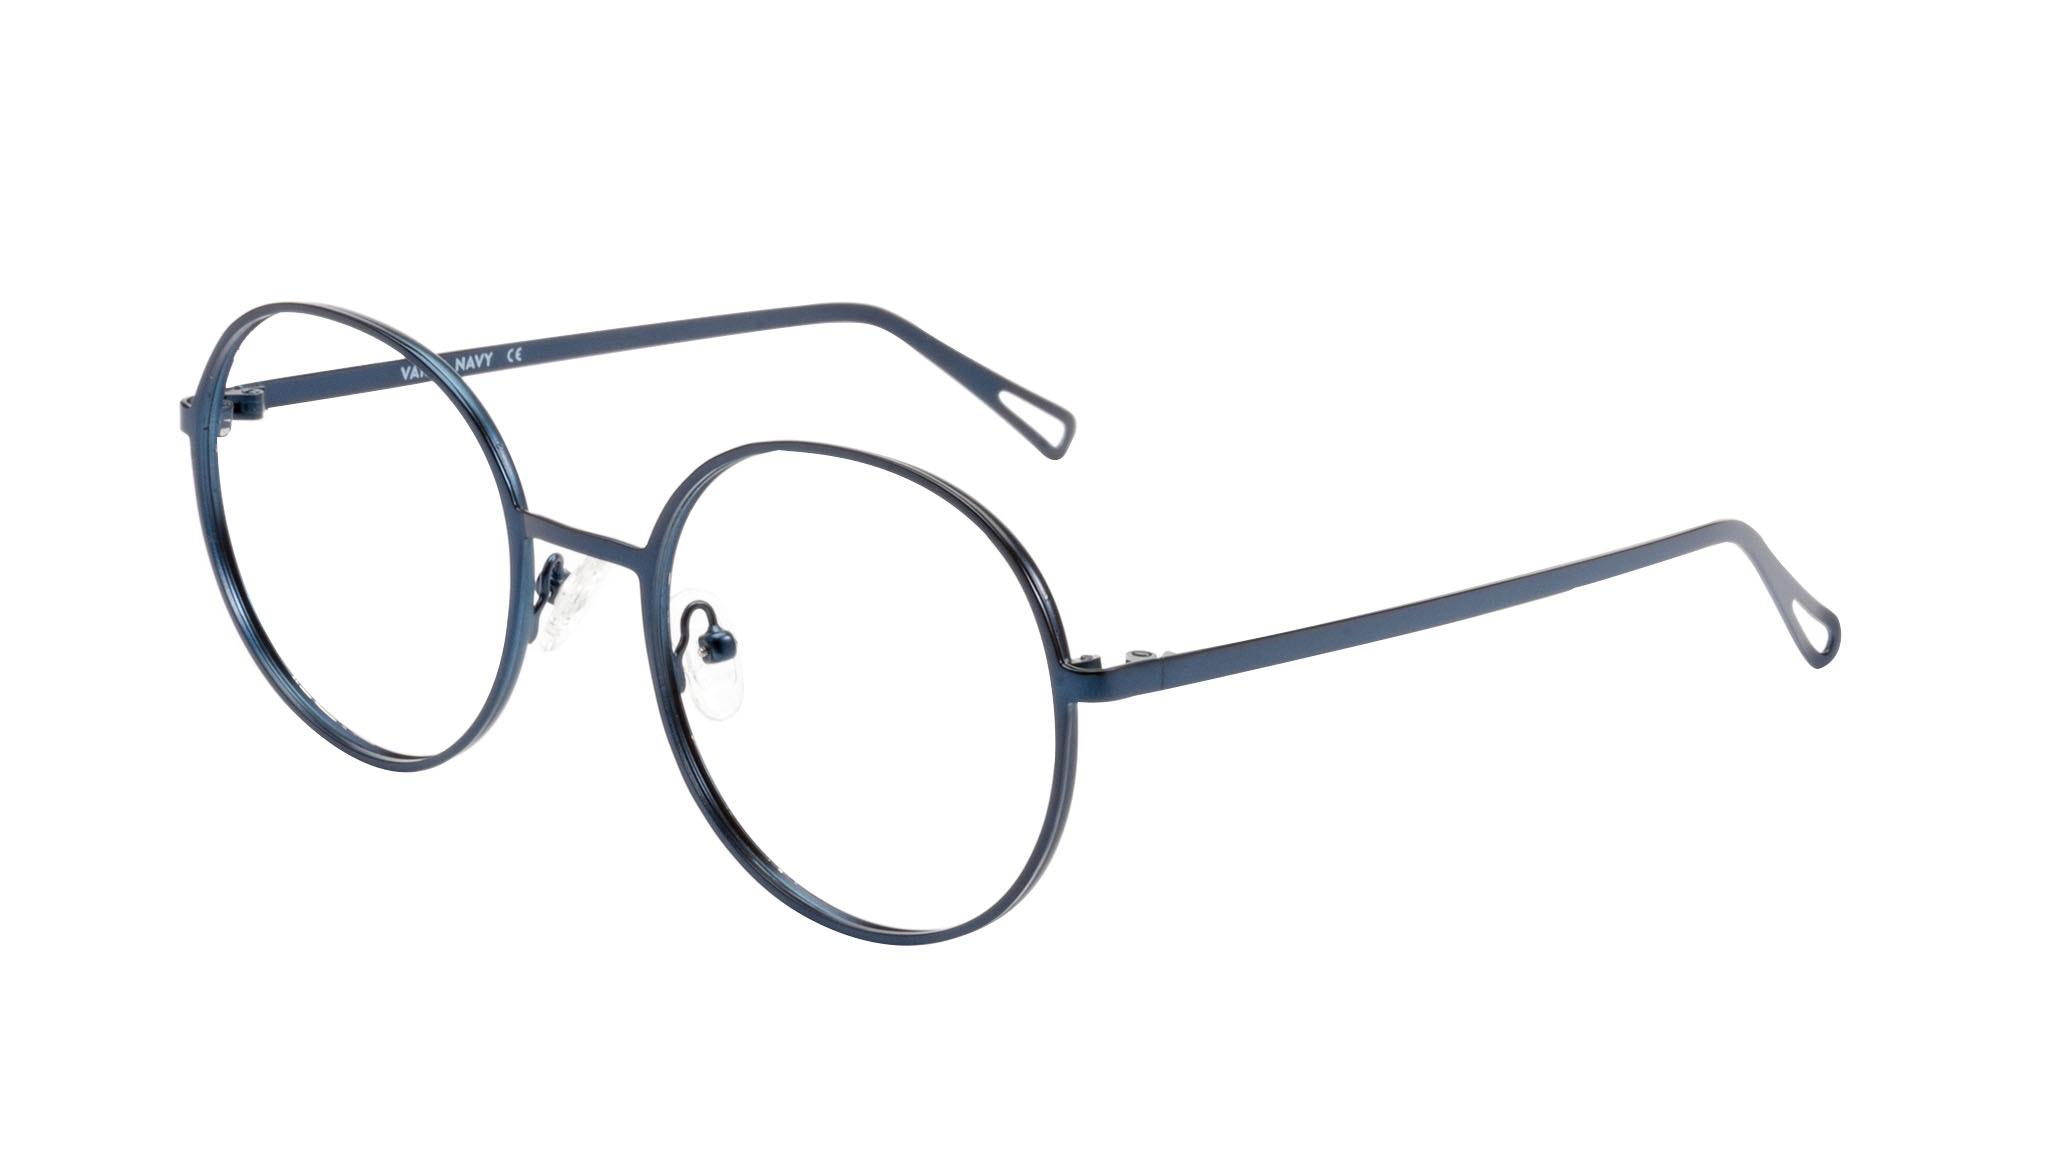 Affordable Fashion Glasses Round Eyeglasses Men Women Varna Navy Tilt